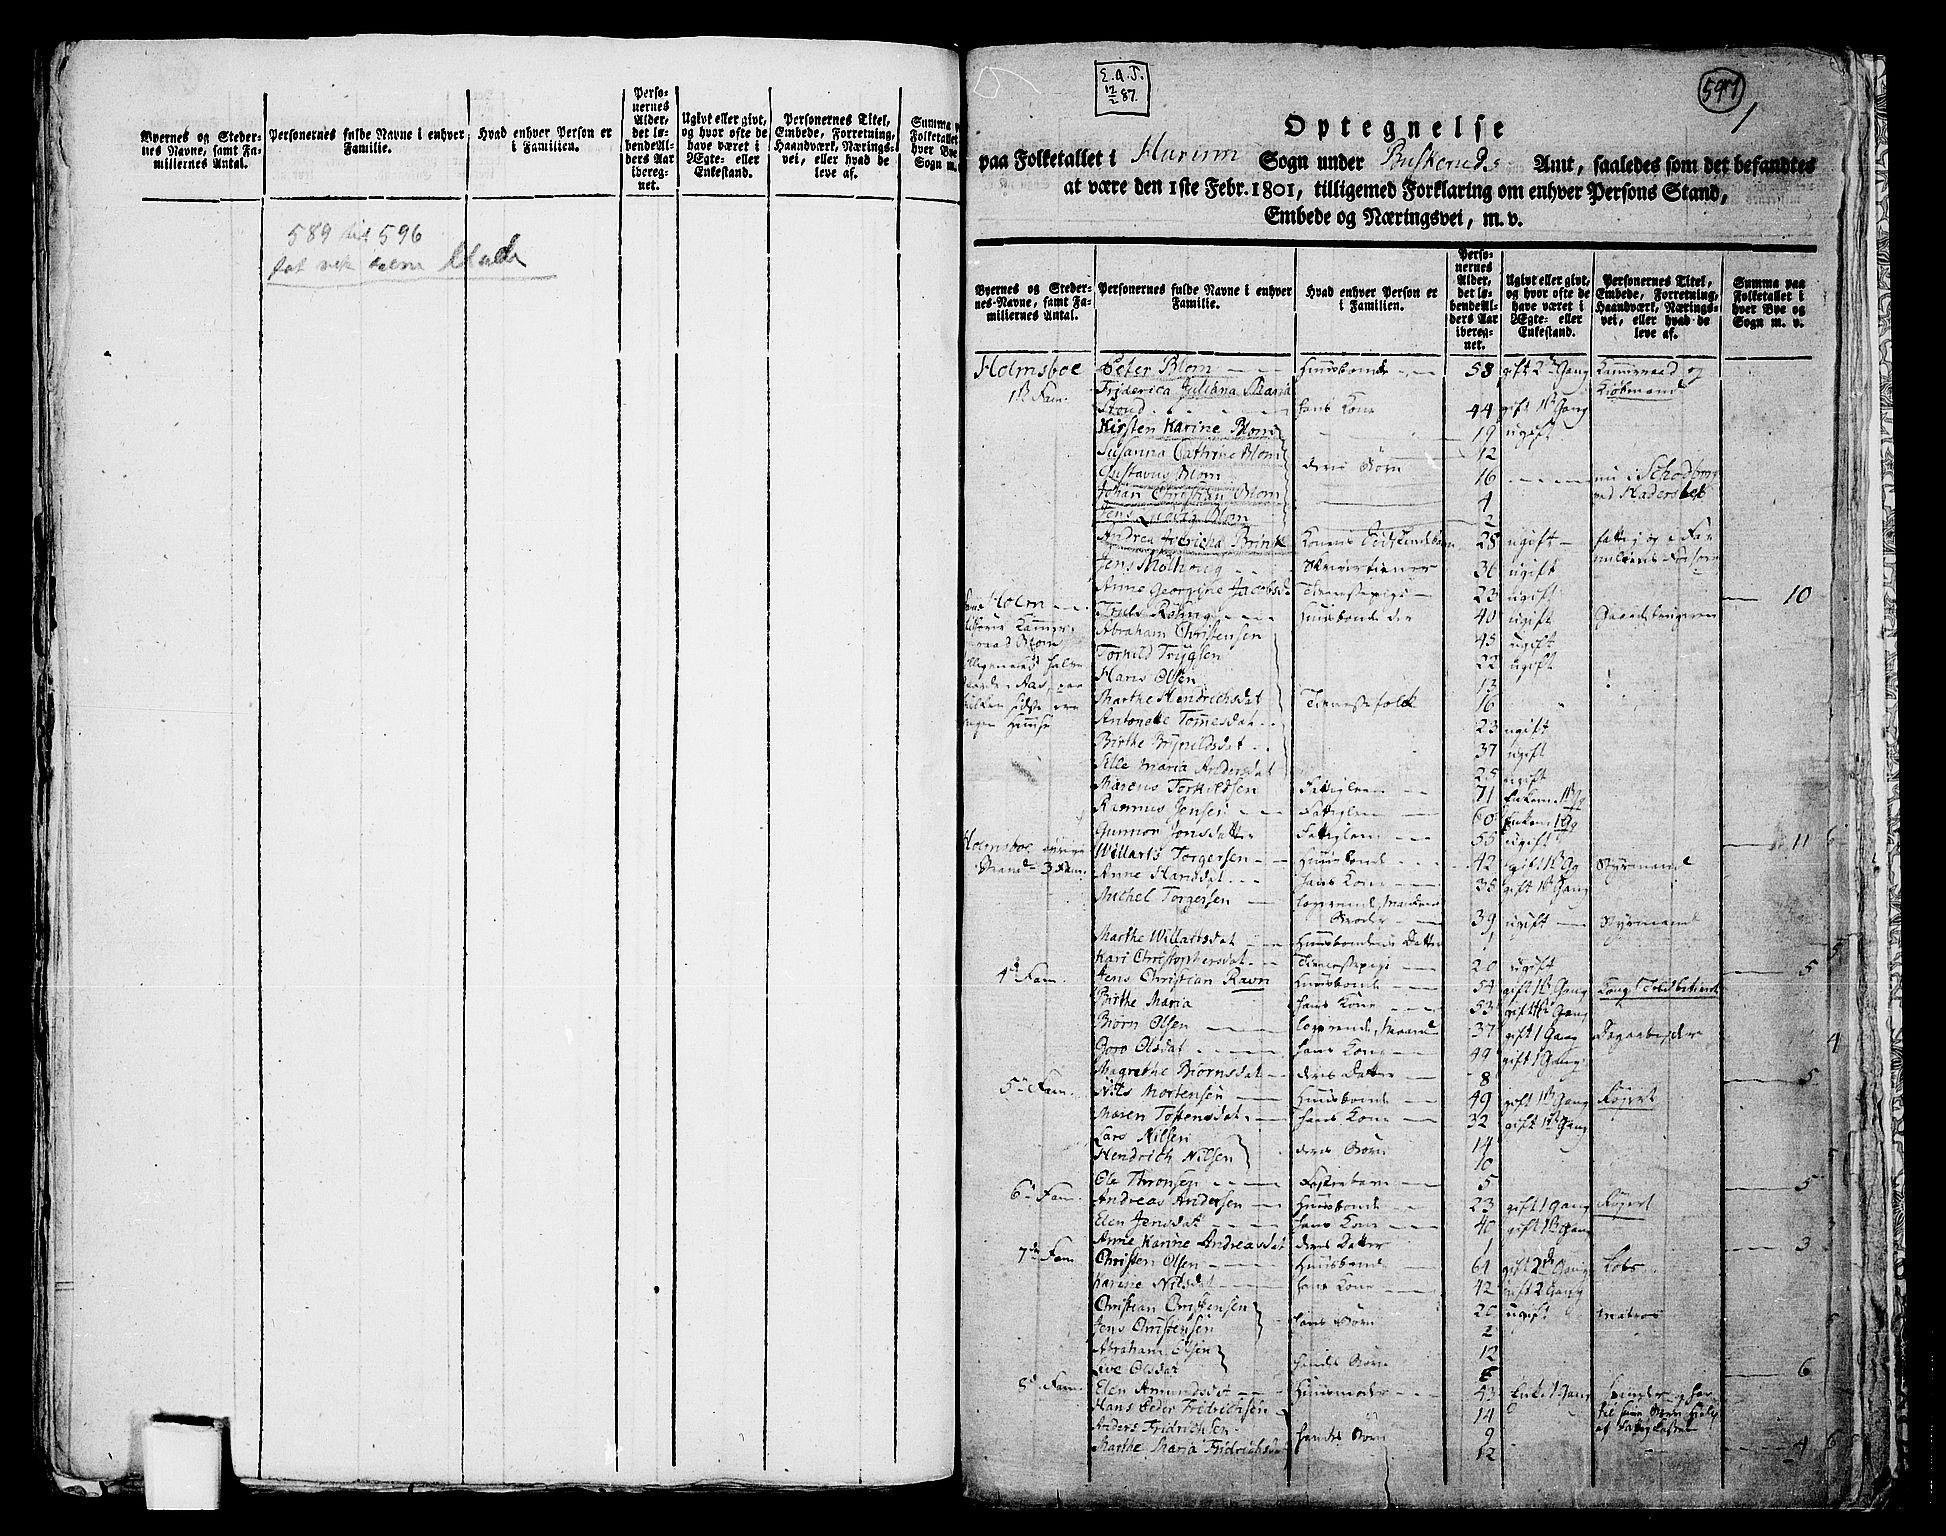 RA, Folketelling 1801 for 0628P Hurum prestegjeld, 1801, s. 597a